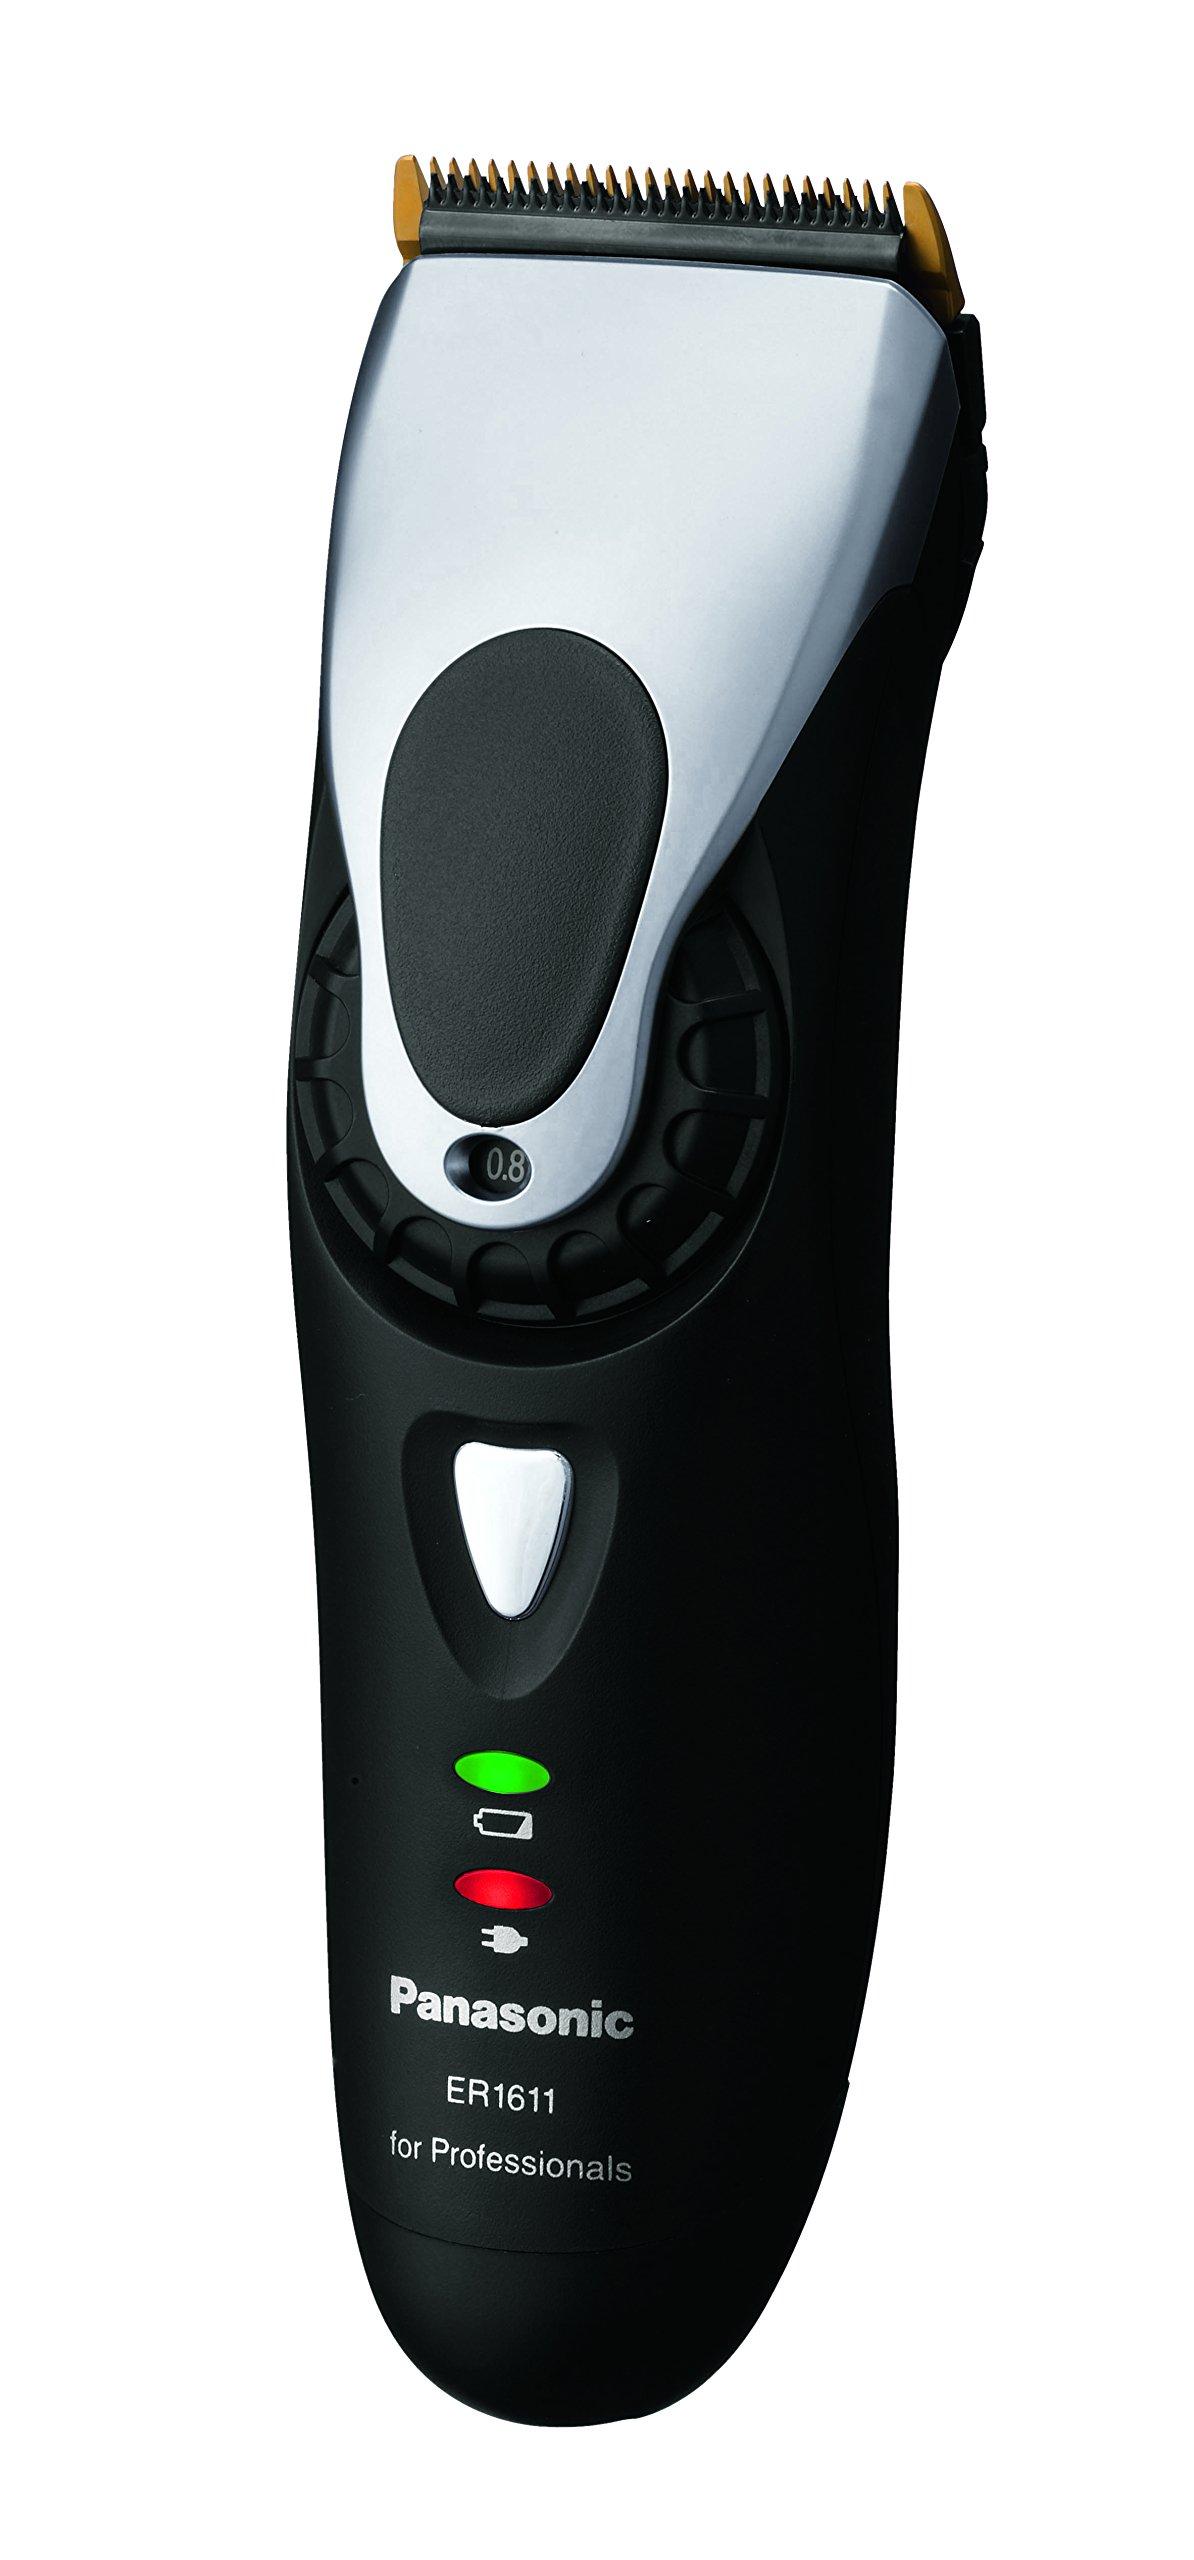 Panasonic - Tondeuse Professionnelle à Moteur Linéaire avec Lame X-Taper - ER-1611 product image